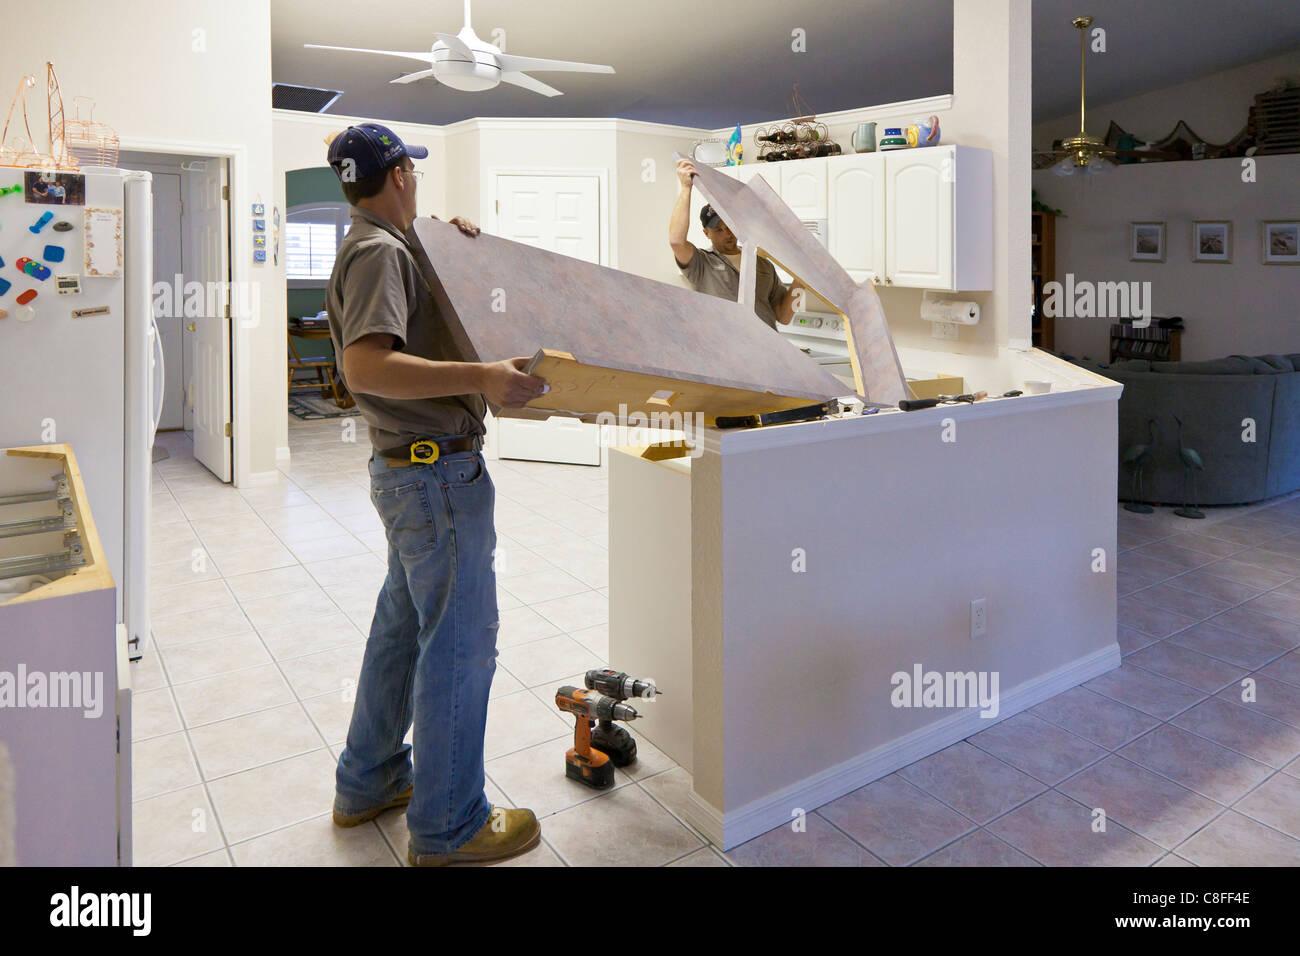 Deux hommes ascenseur comptoir Formica des armoires de cuisine moderne au cours d'un projet de rénovation résidentielle Banque D'Images